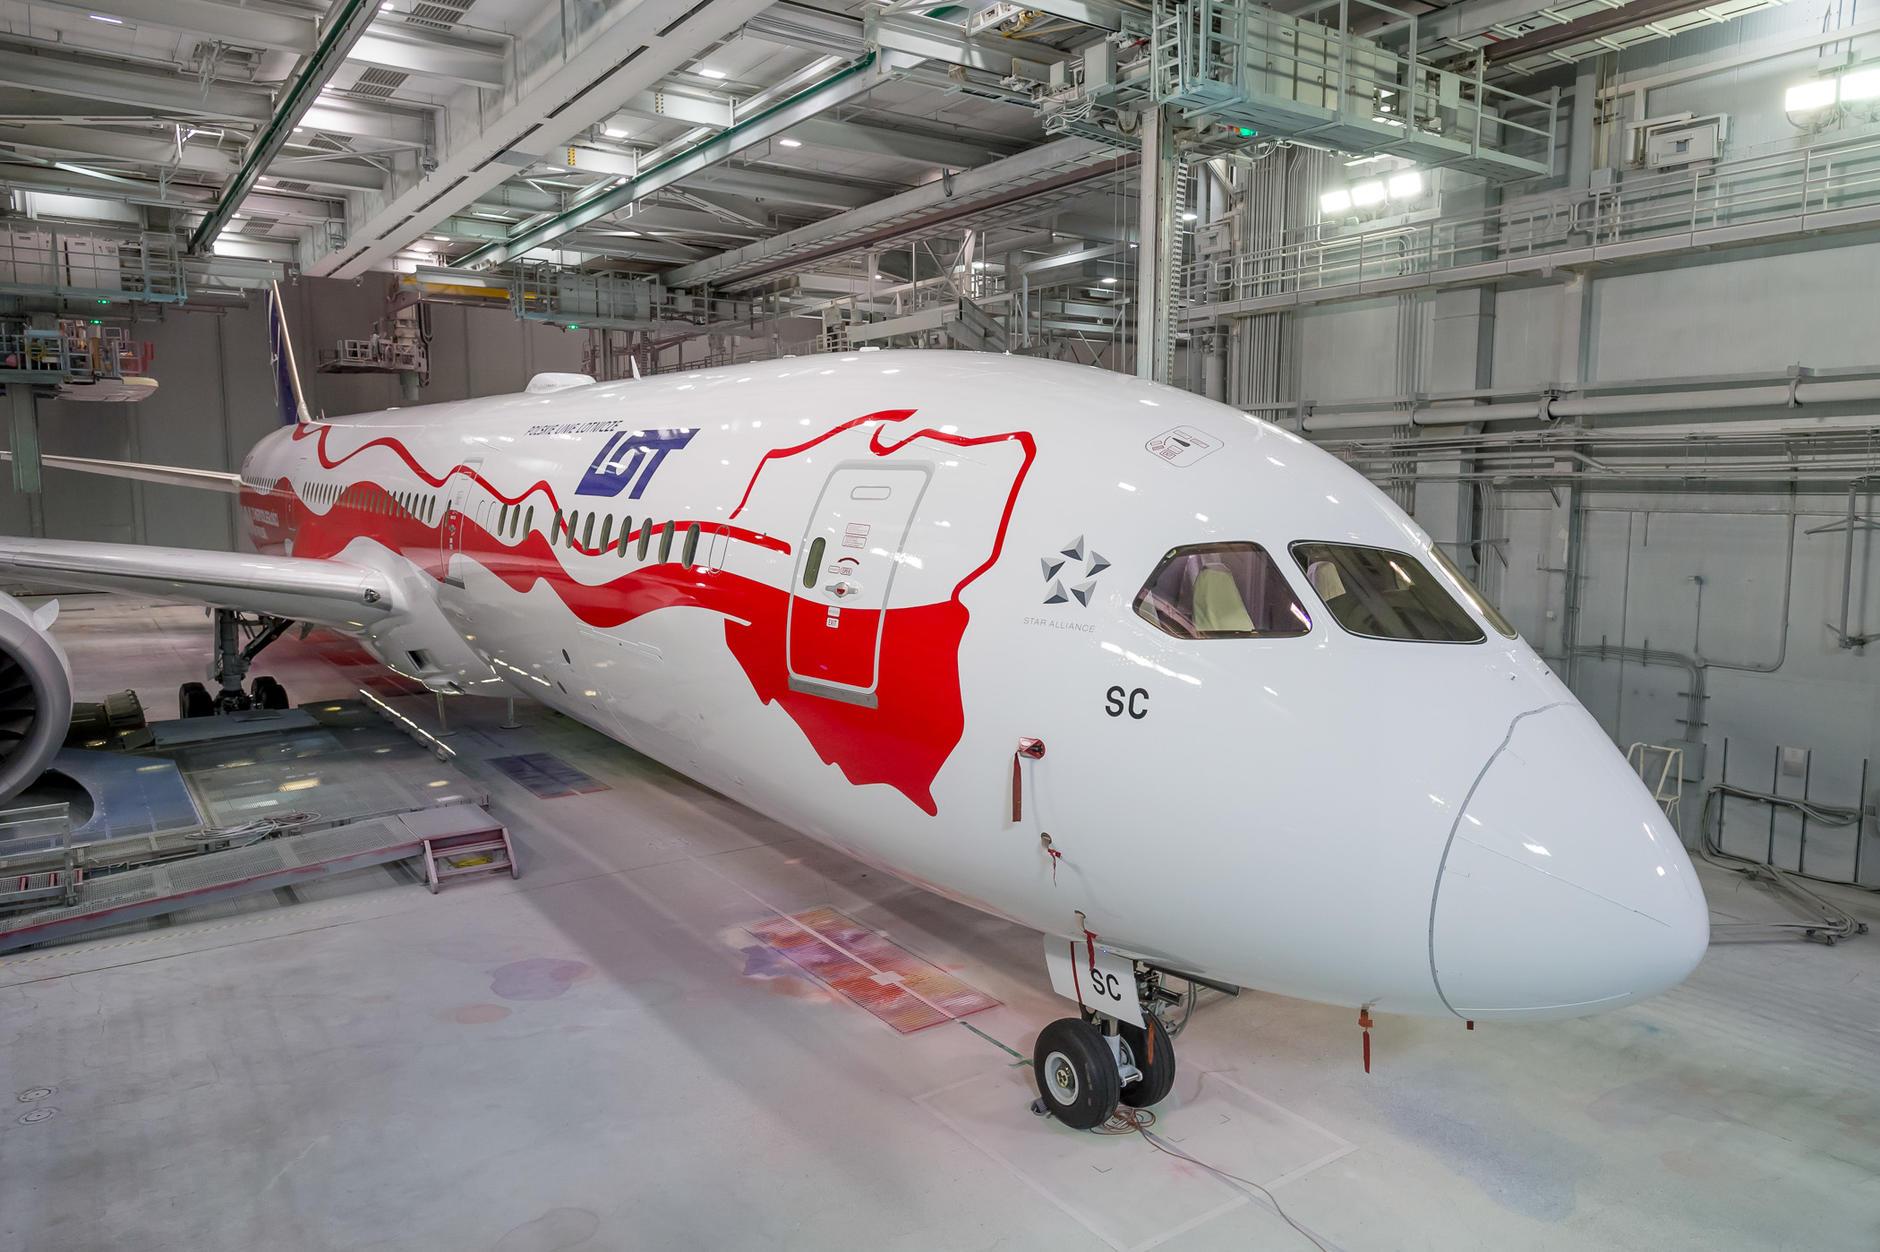 Pierwszy samolot w historii LOT-u w biało-czerwonych barwach. Jako pierwsi ujawniamy zdjęcia